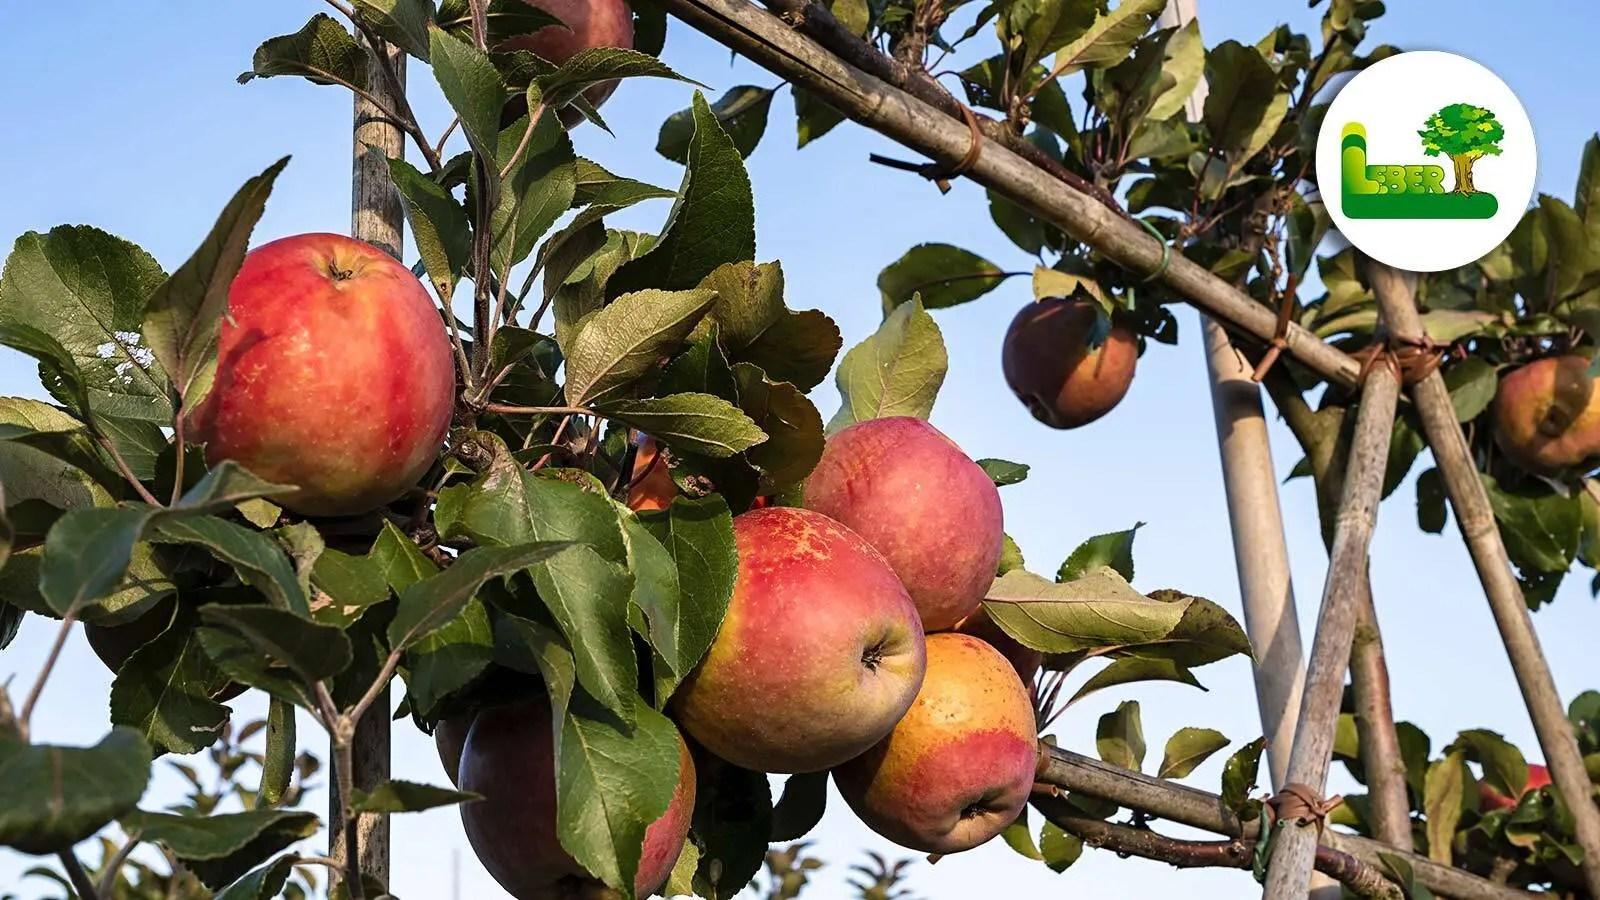 Apfelbaum im eigenen Garten. Malus domestica aus Spalier. Garten Leber Steiermark.